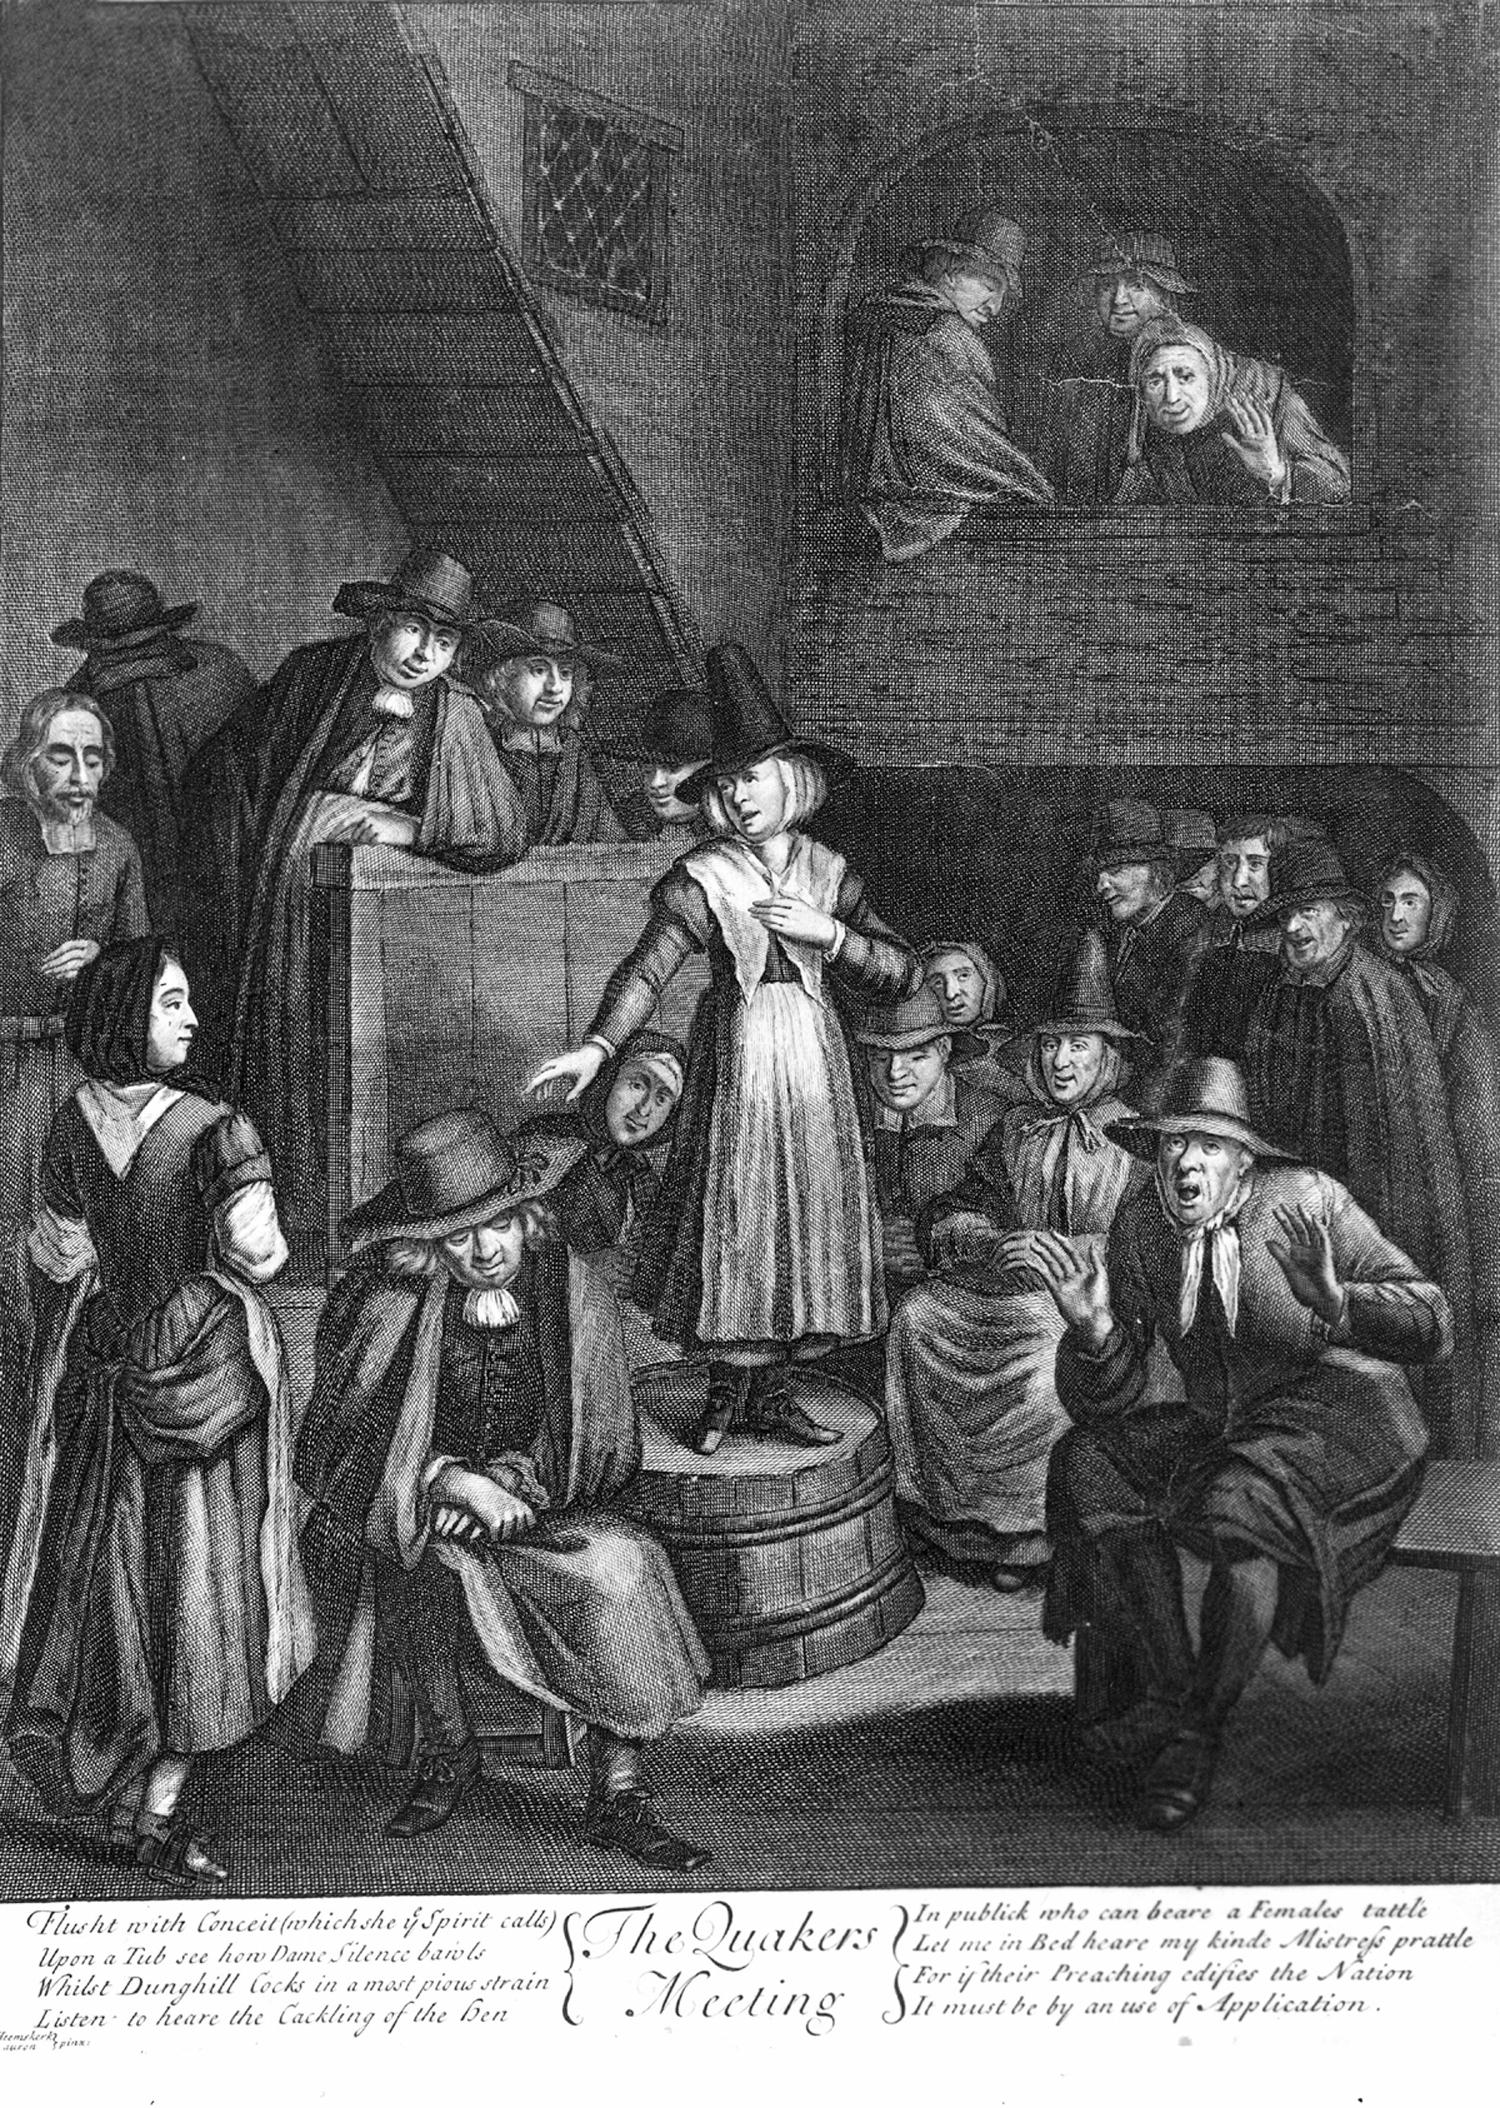 Quakers Quakers meeting...